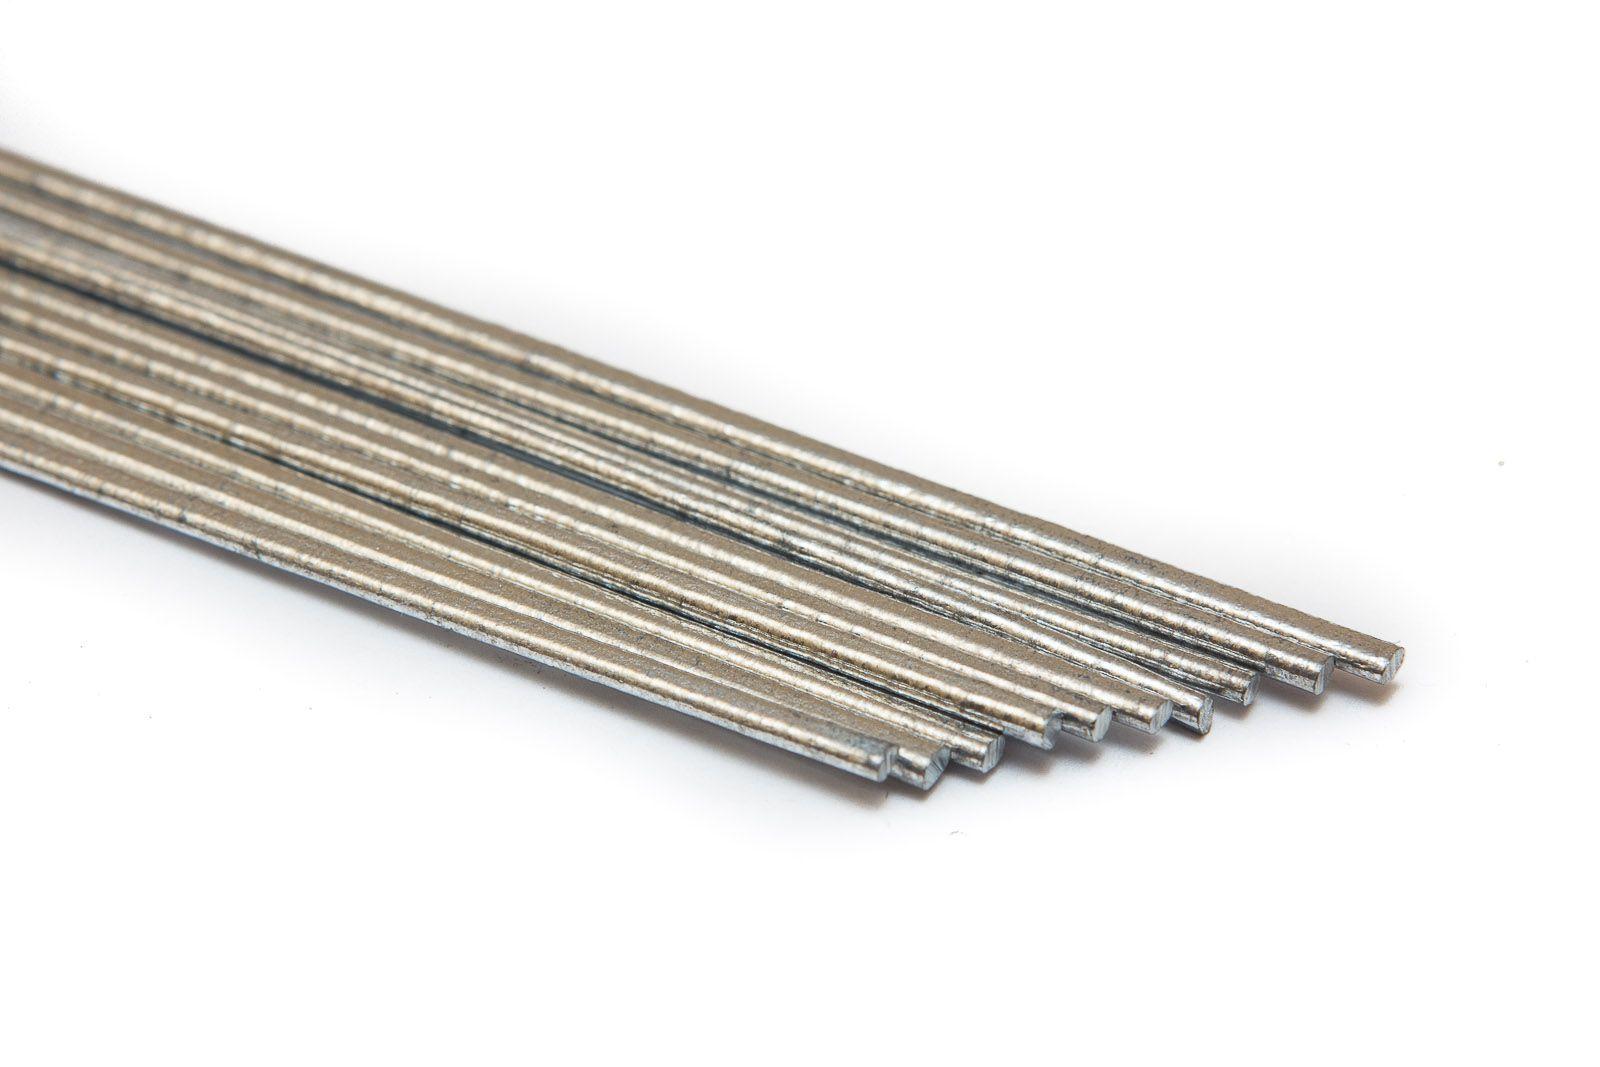 Припой 34А пруток 6мм 530С для пайки алюминия ТУ 1-92-46-76